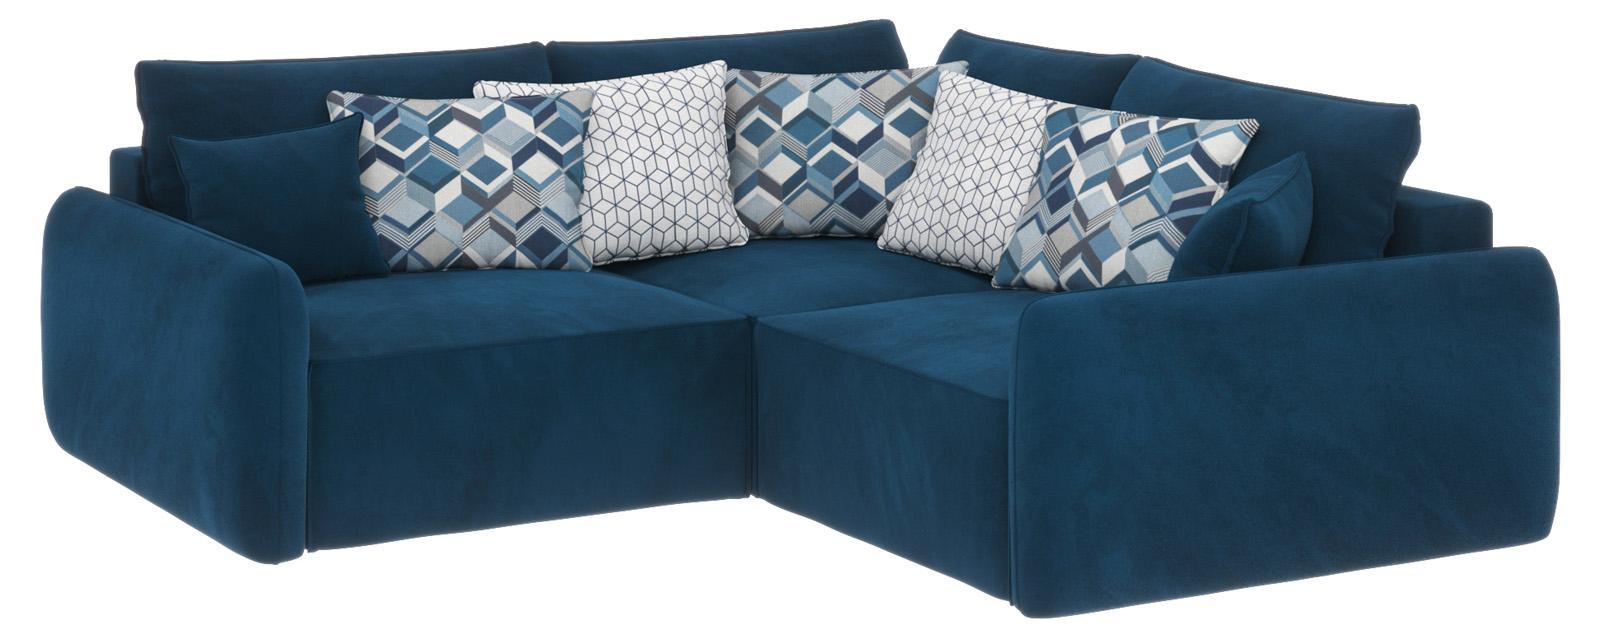 Купить Модульный диван Портленд вариант №6 Premier светло-синий (Микровелюр), HomeMe, Светло-синий